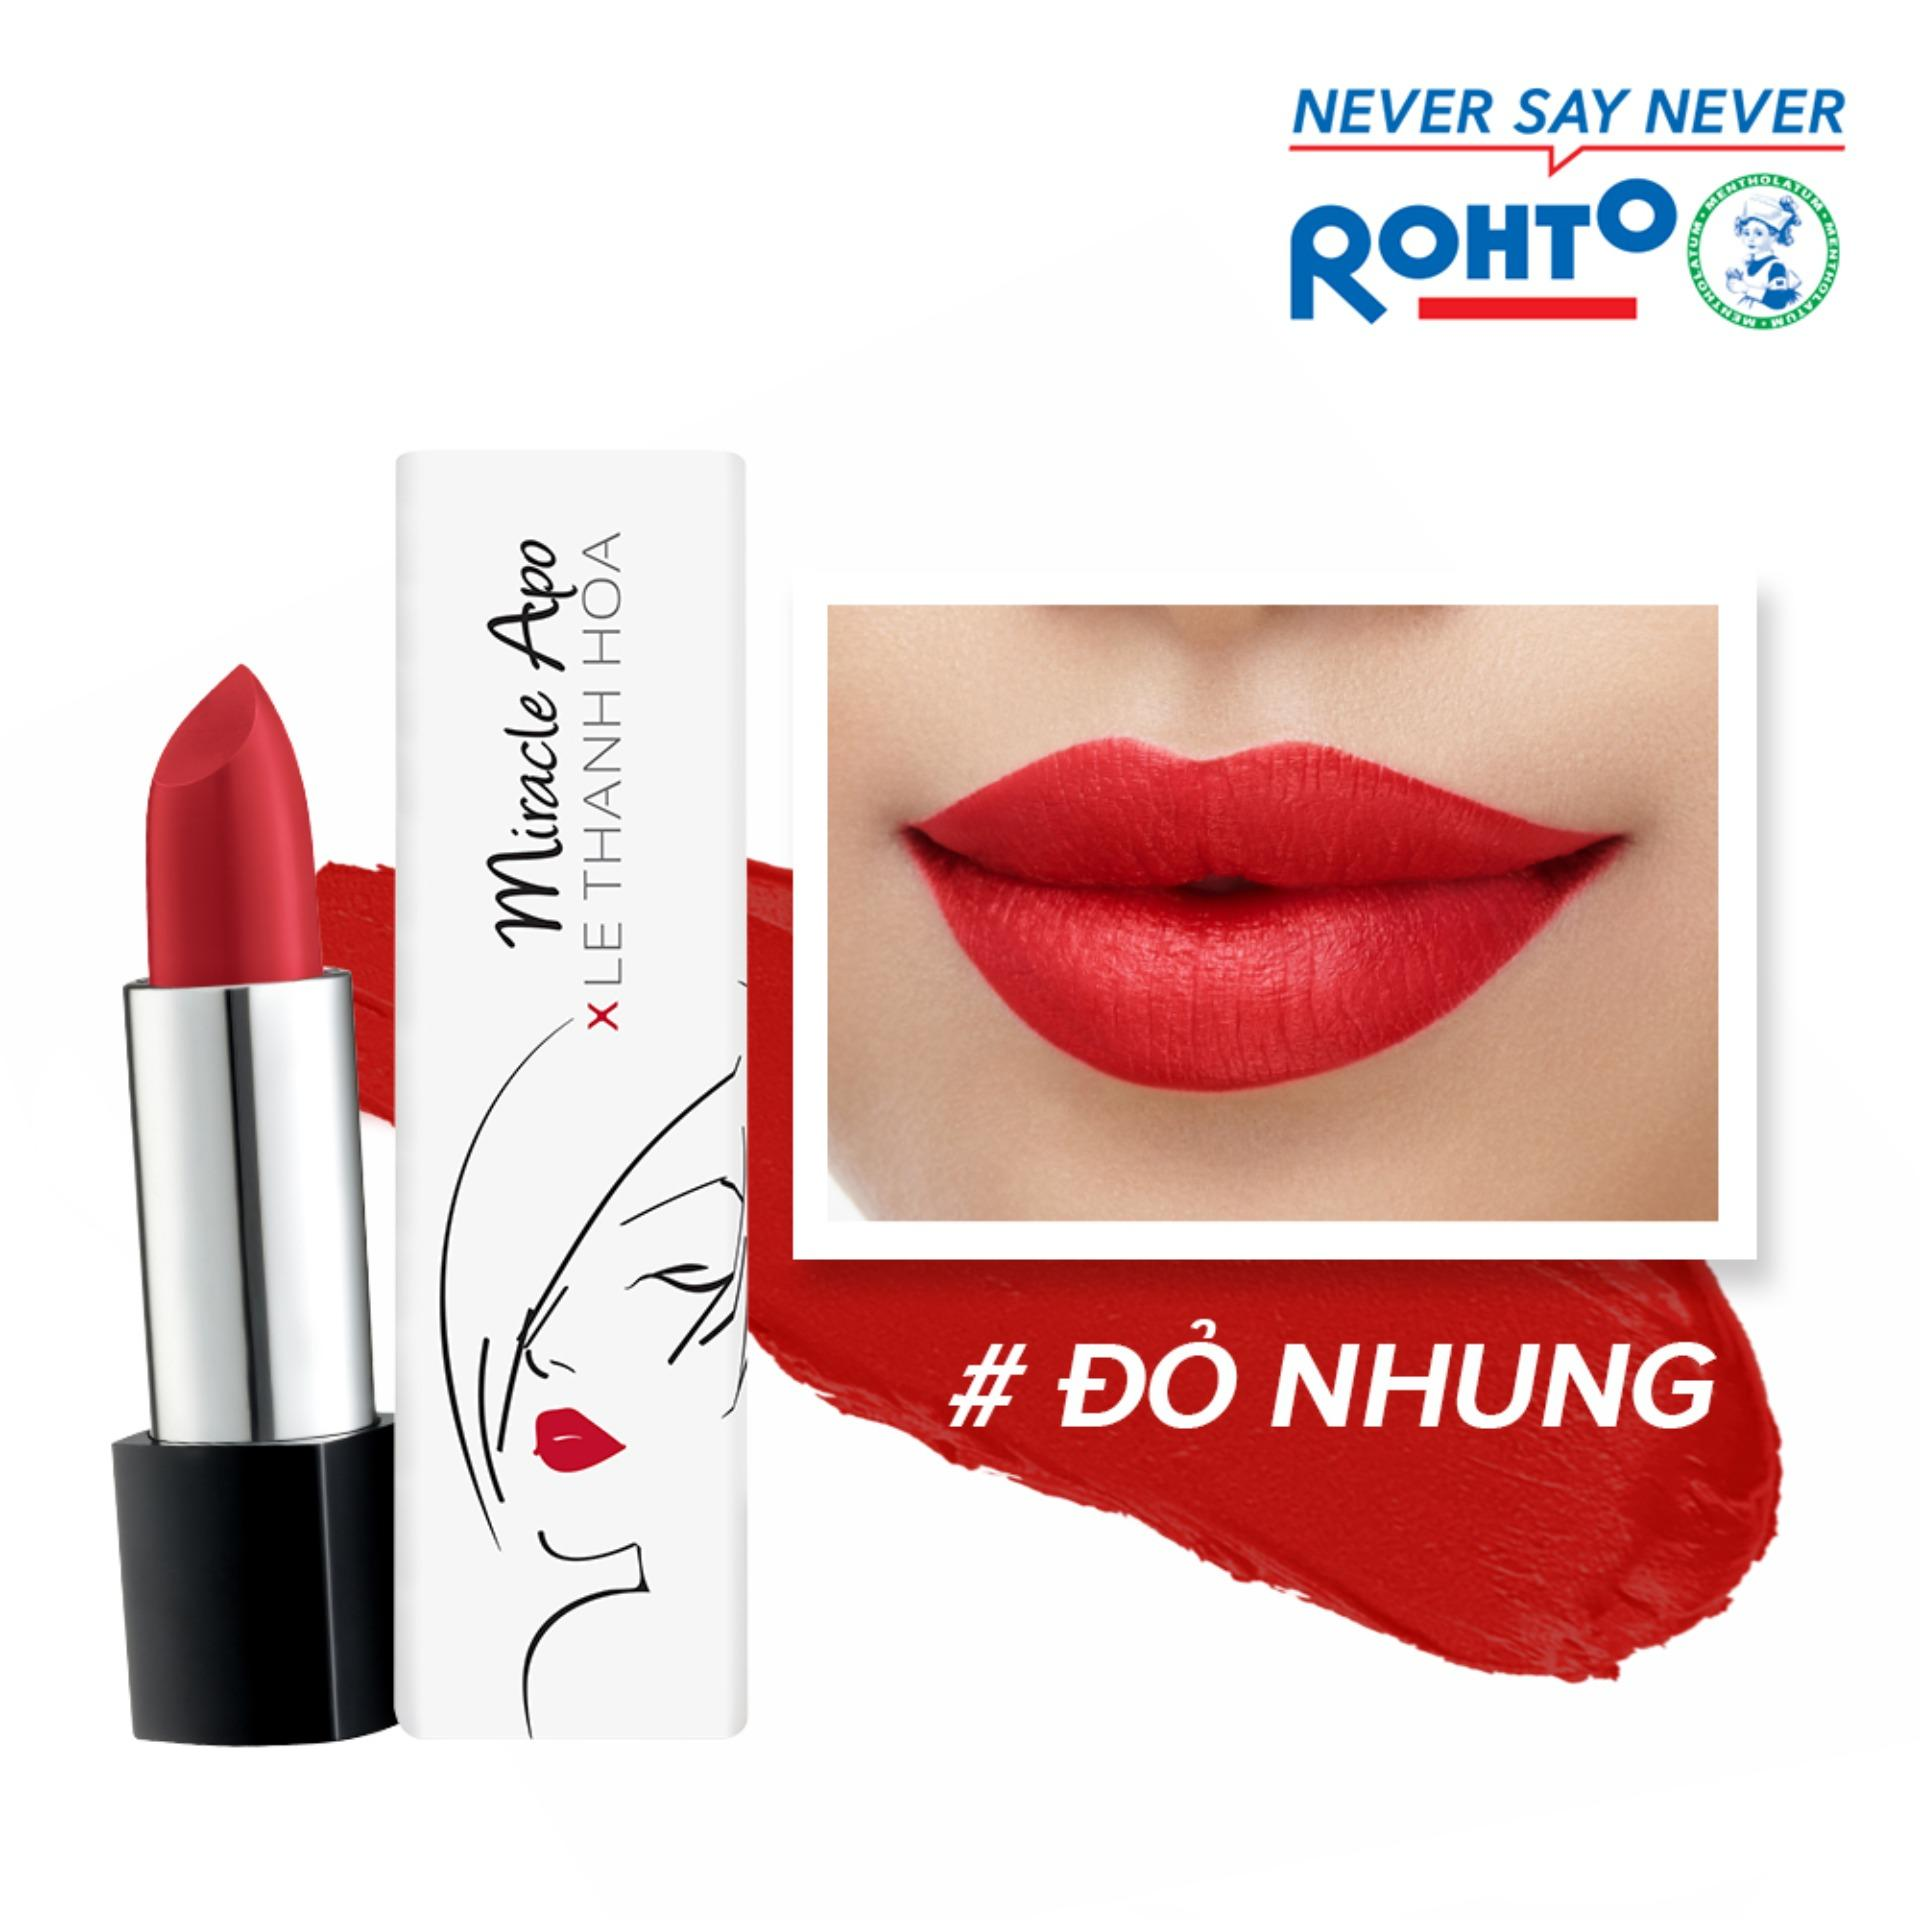 Son lì Miracle Apo Lipstick Matte x Lê Thanh Hòa Majestic 4g (Đỏ nhung)